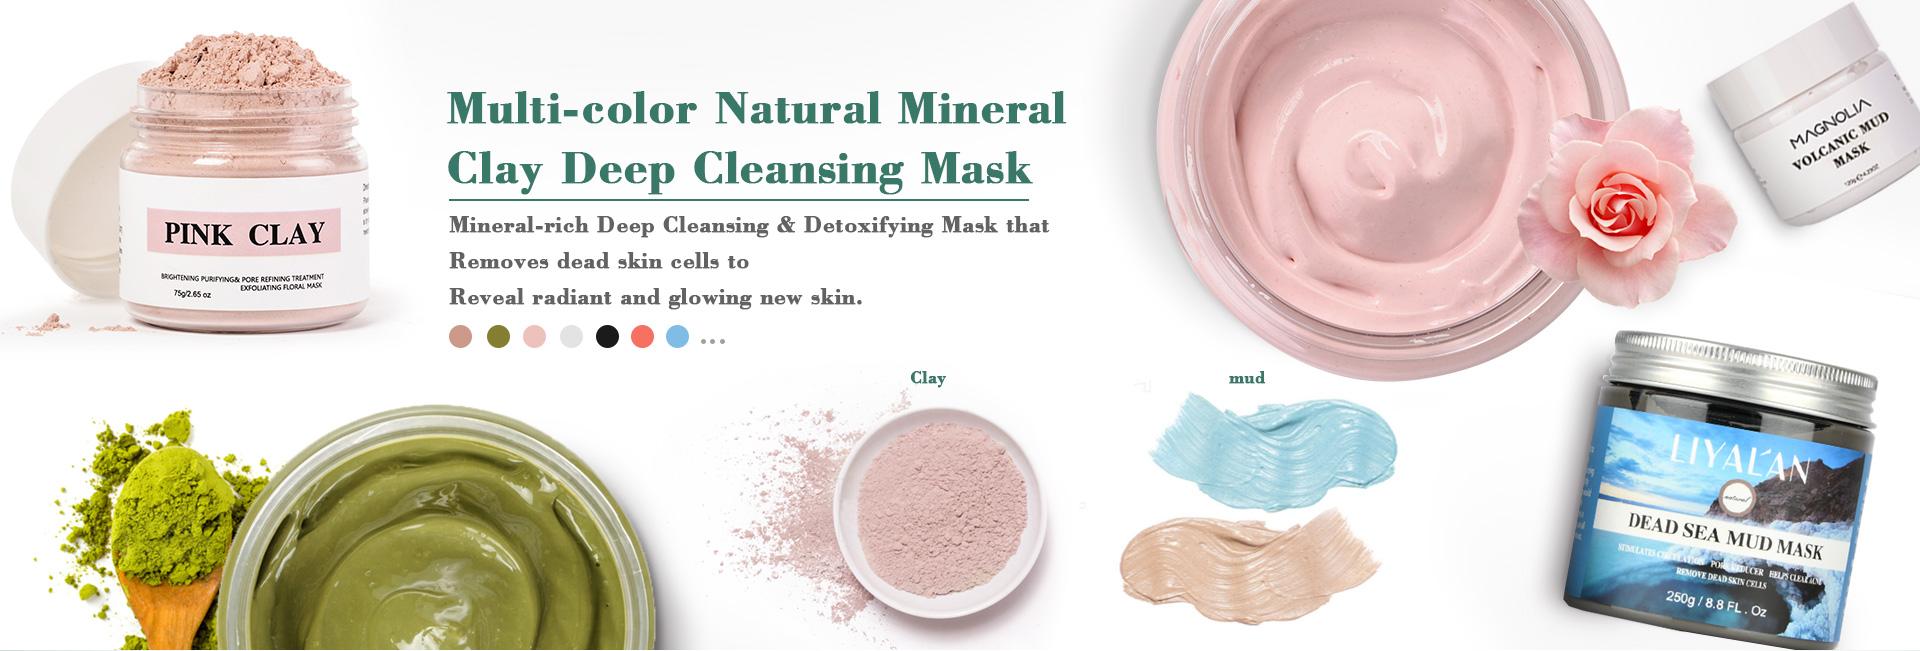 Private Label Organico sbiancamento Della Pelle argilla maschera per il viso